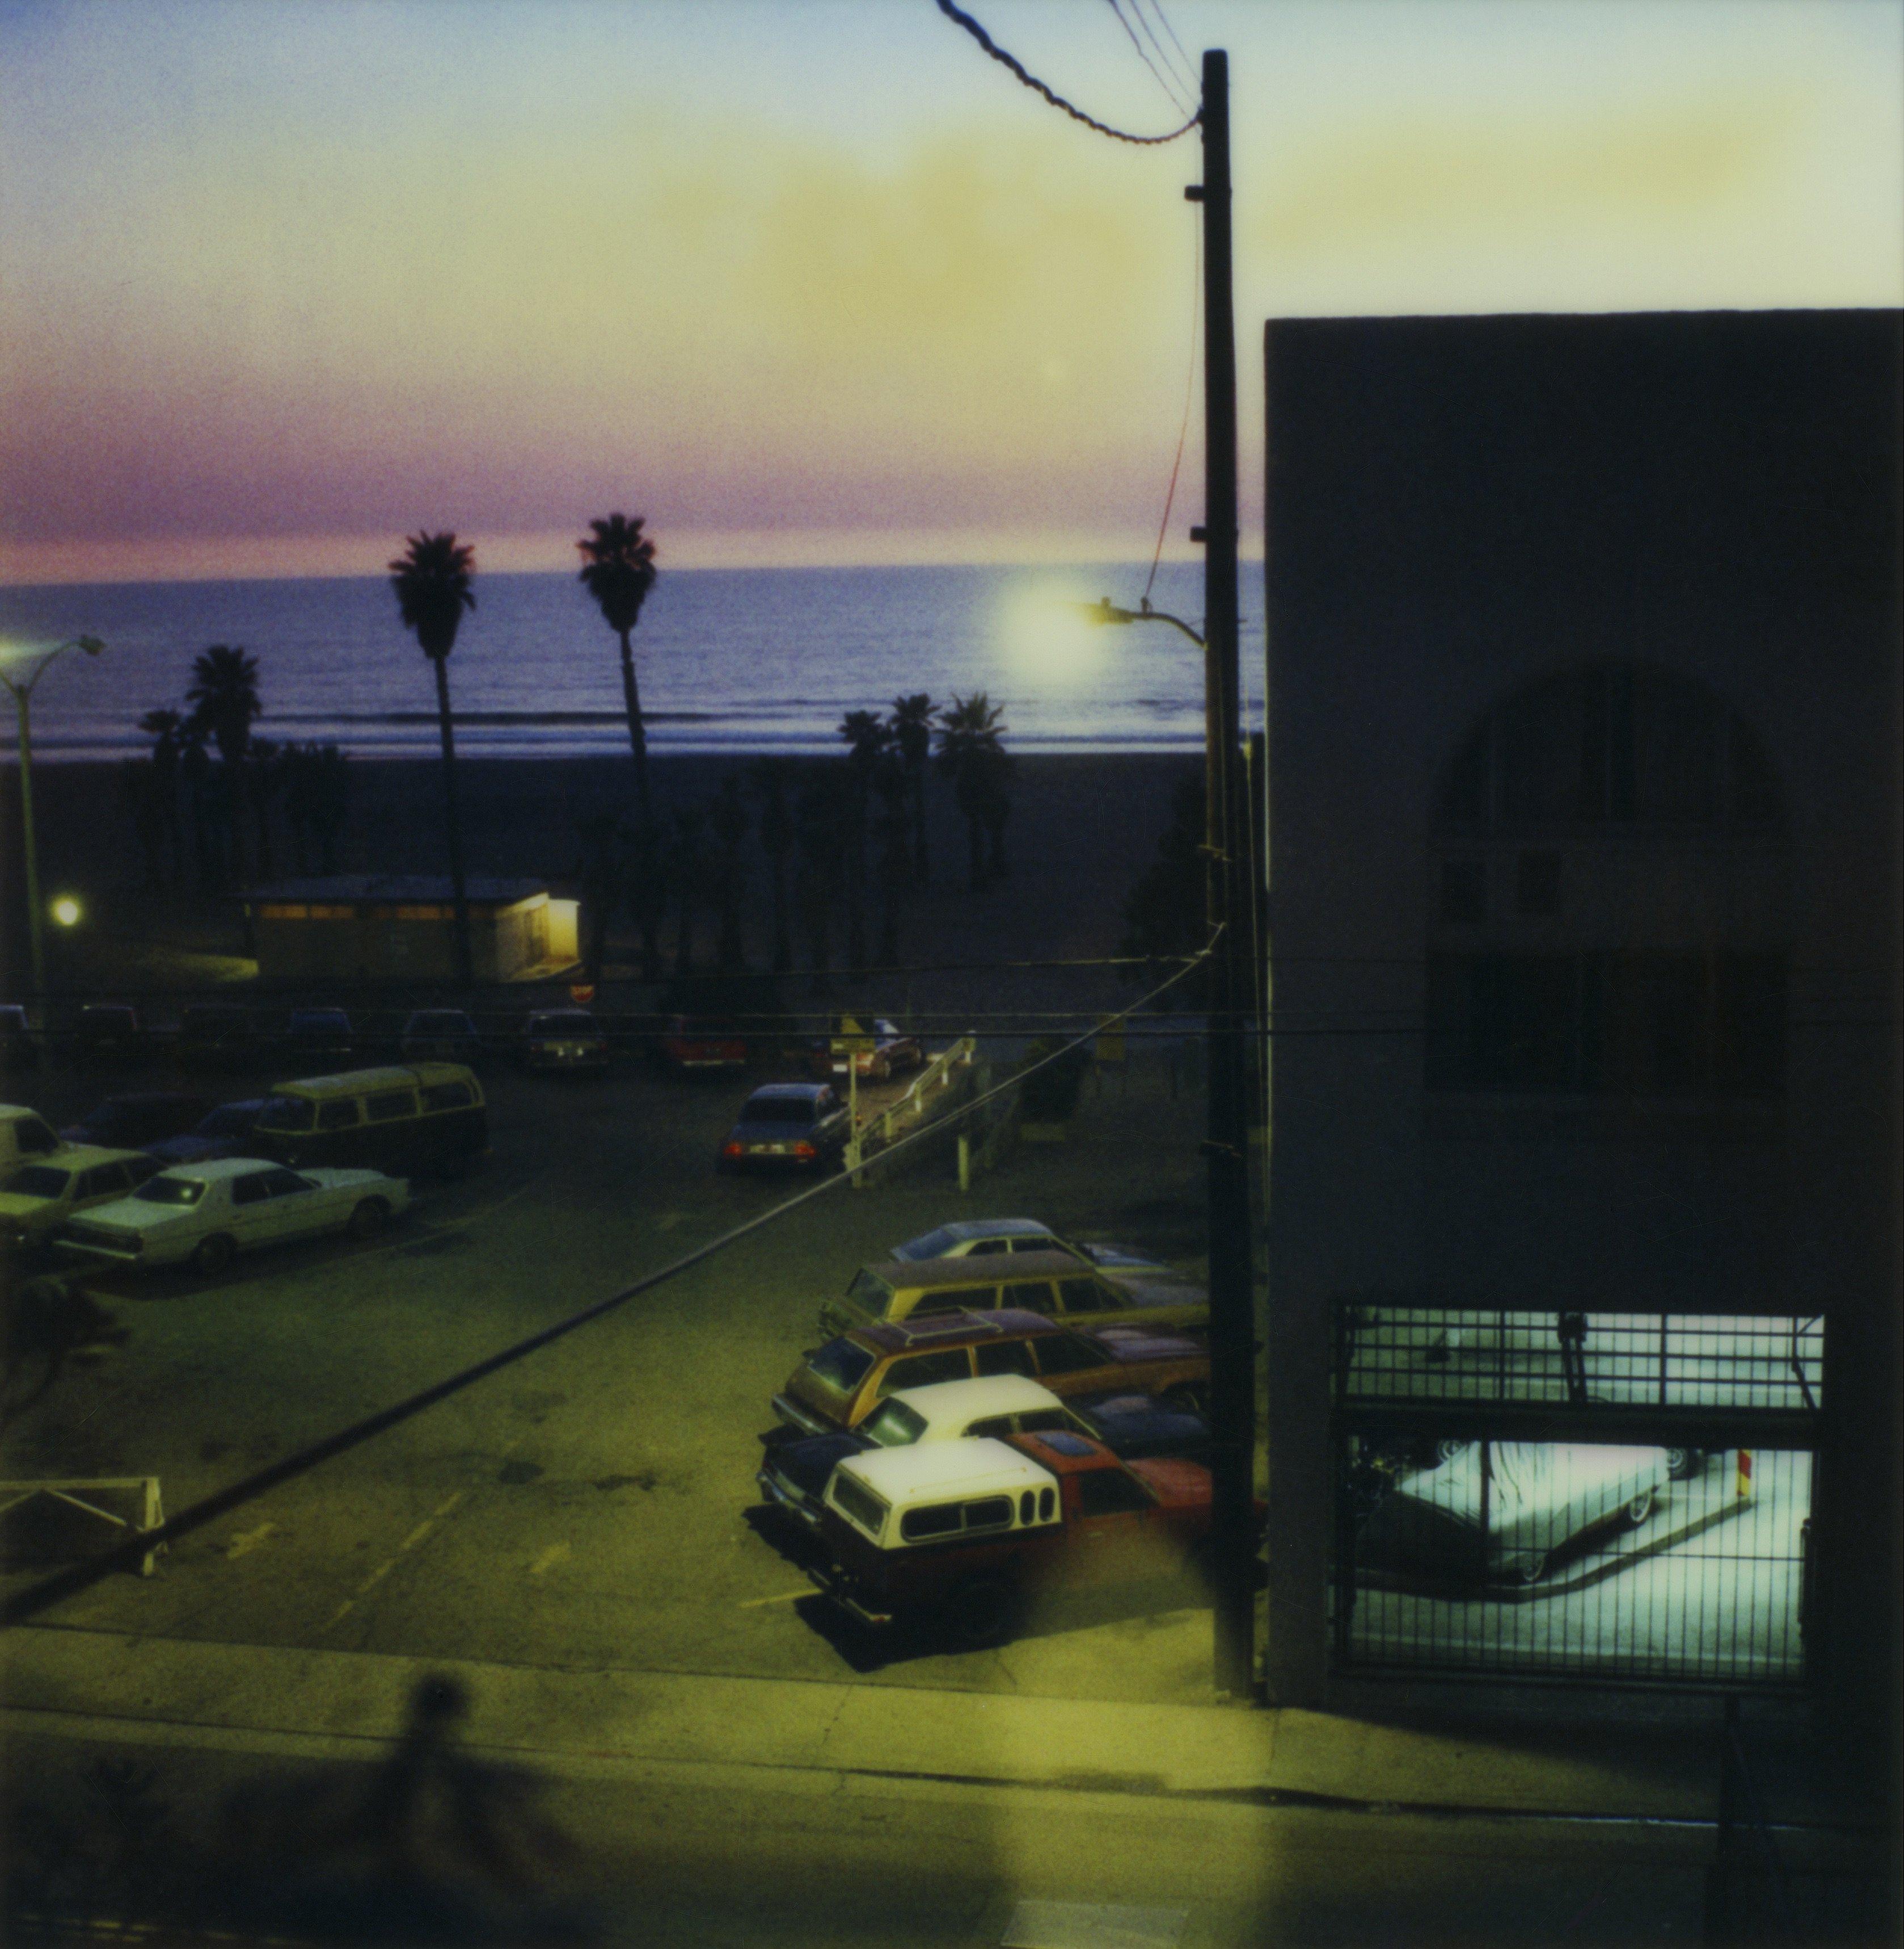 Robby Müller, Kensington, Santa Monica, L.A., 1985